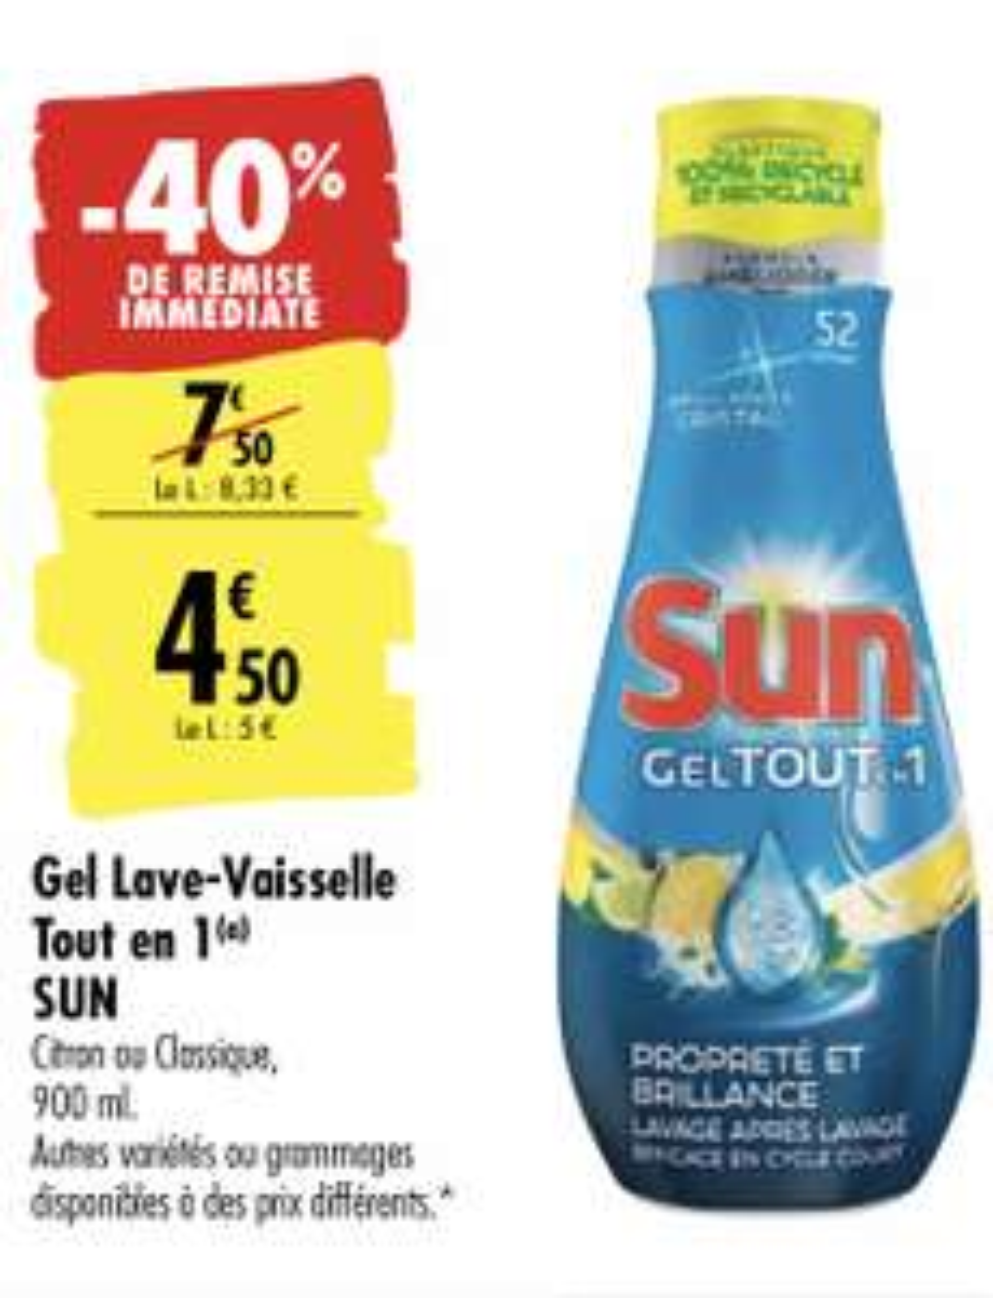 Gel lave-vaisselle Tout en 1 Sun - 900 ml (via BDR de 1.80€)